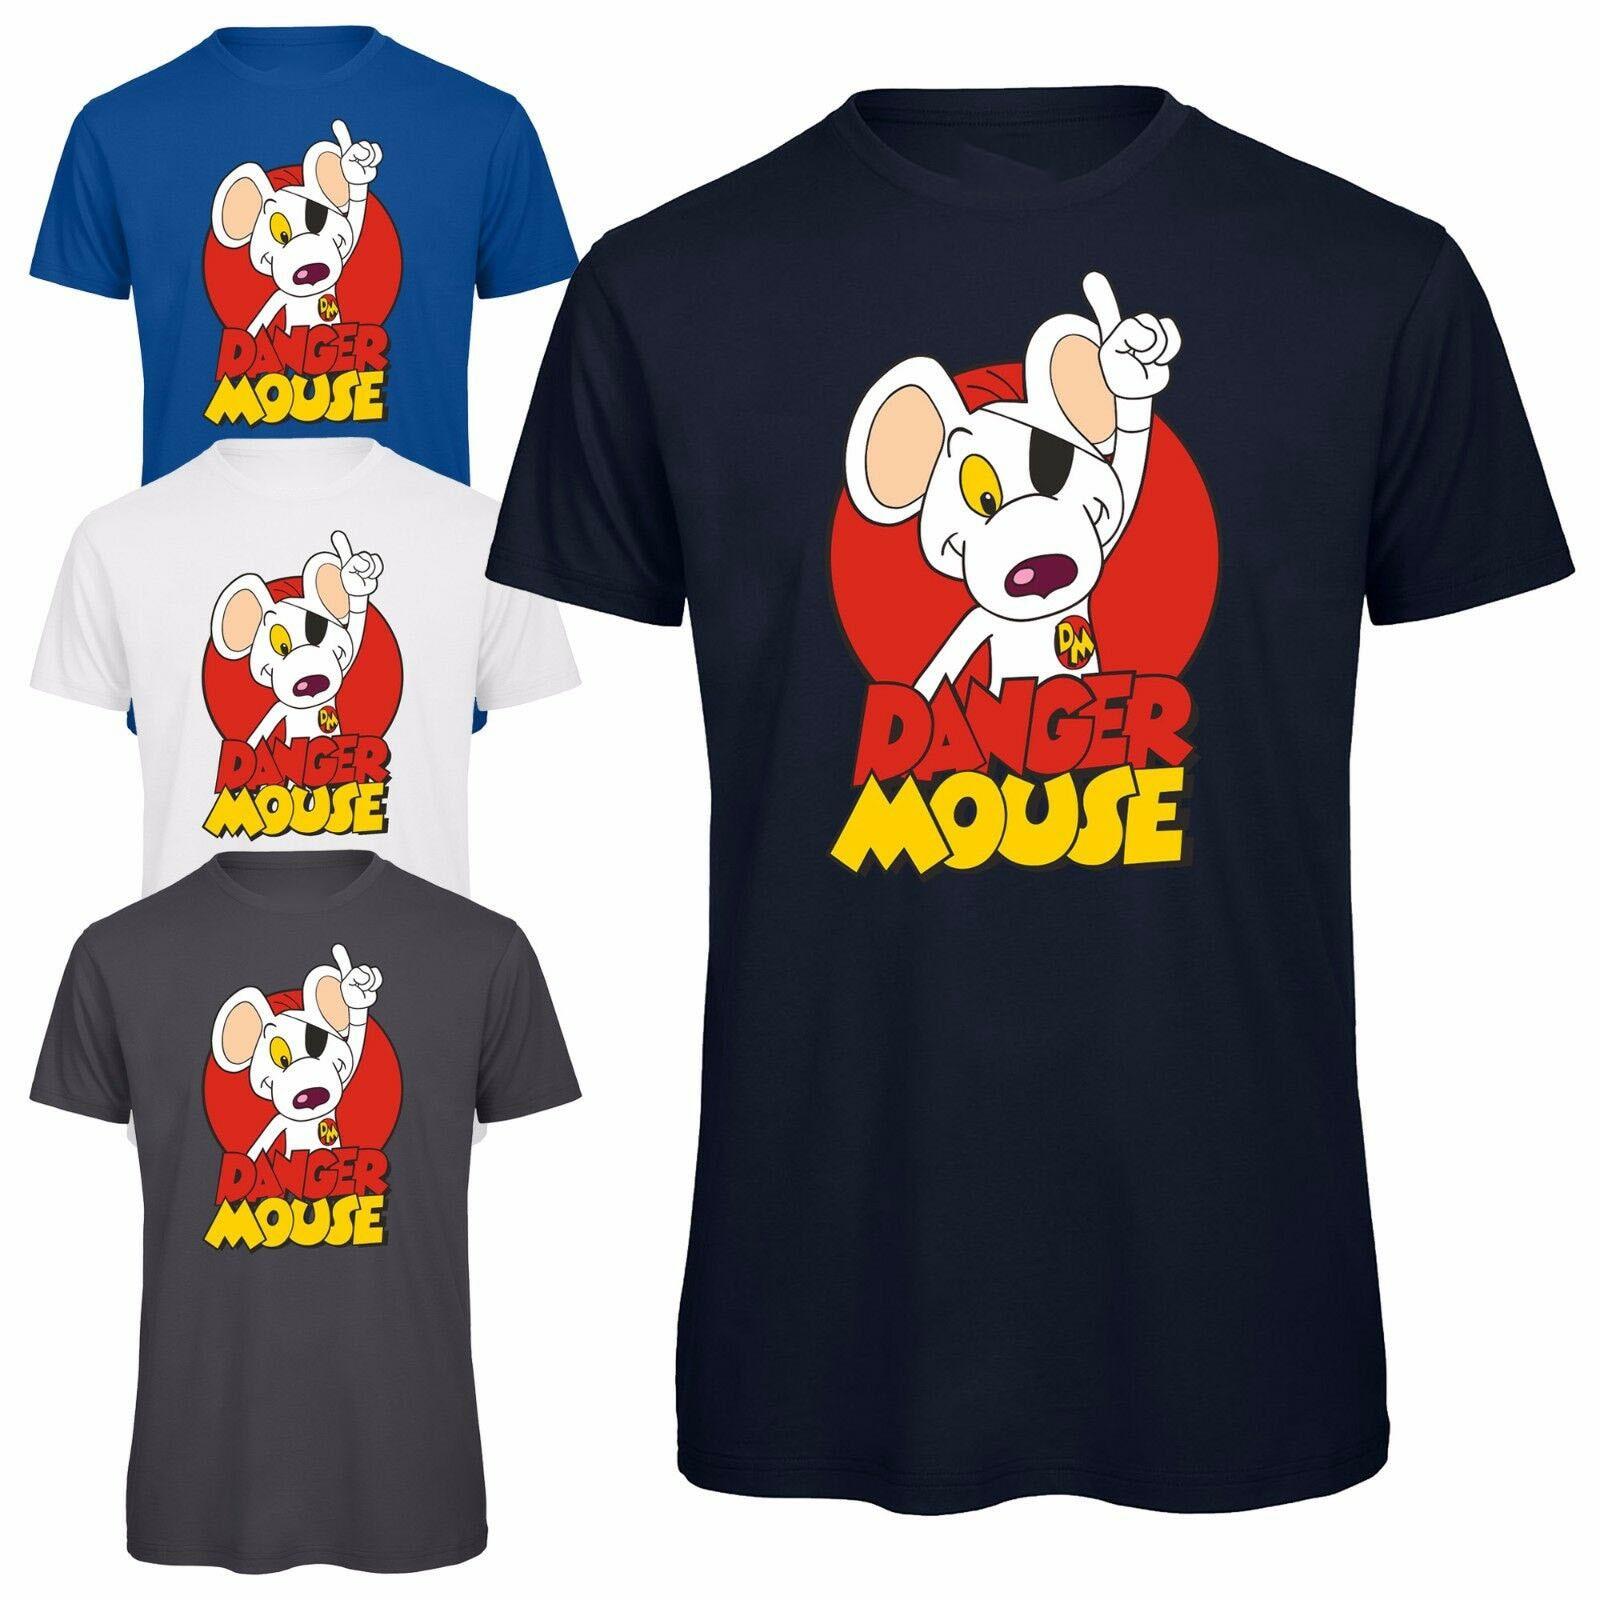 Camiseta con personaje de ratón peligroso, camiseta Retro con licencia para hombres y mujeres, camiseta Popular de dibujos animados sin etiqueta